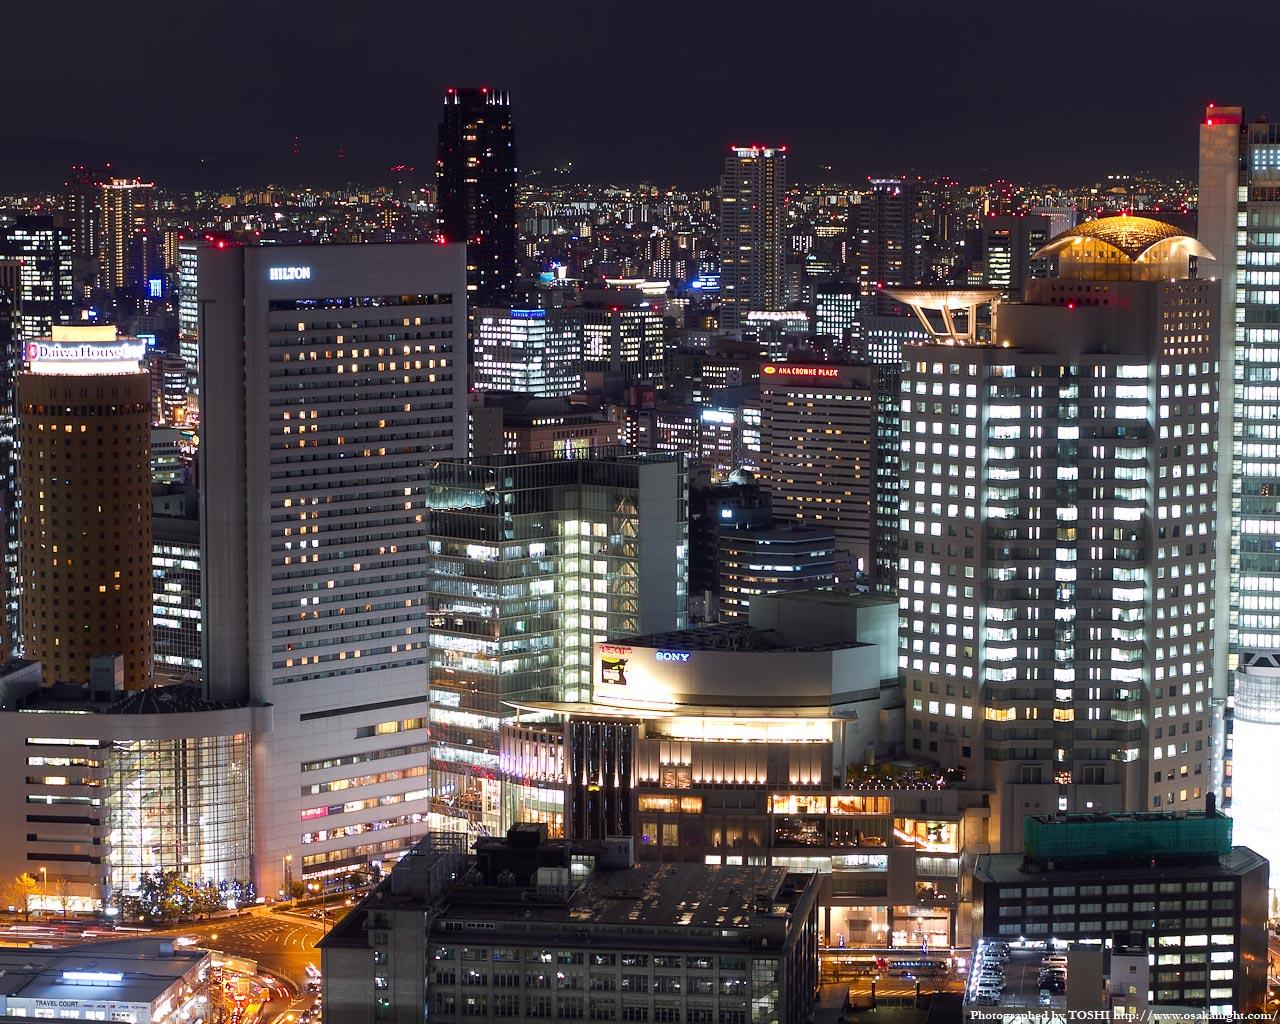 ヒルトン大阪〜ハービスエント周辺の夜景